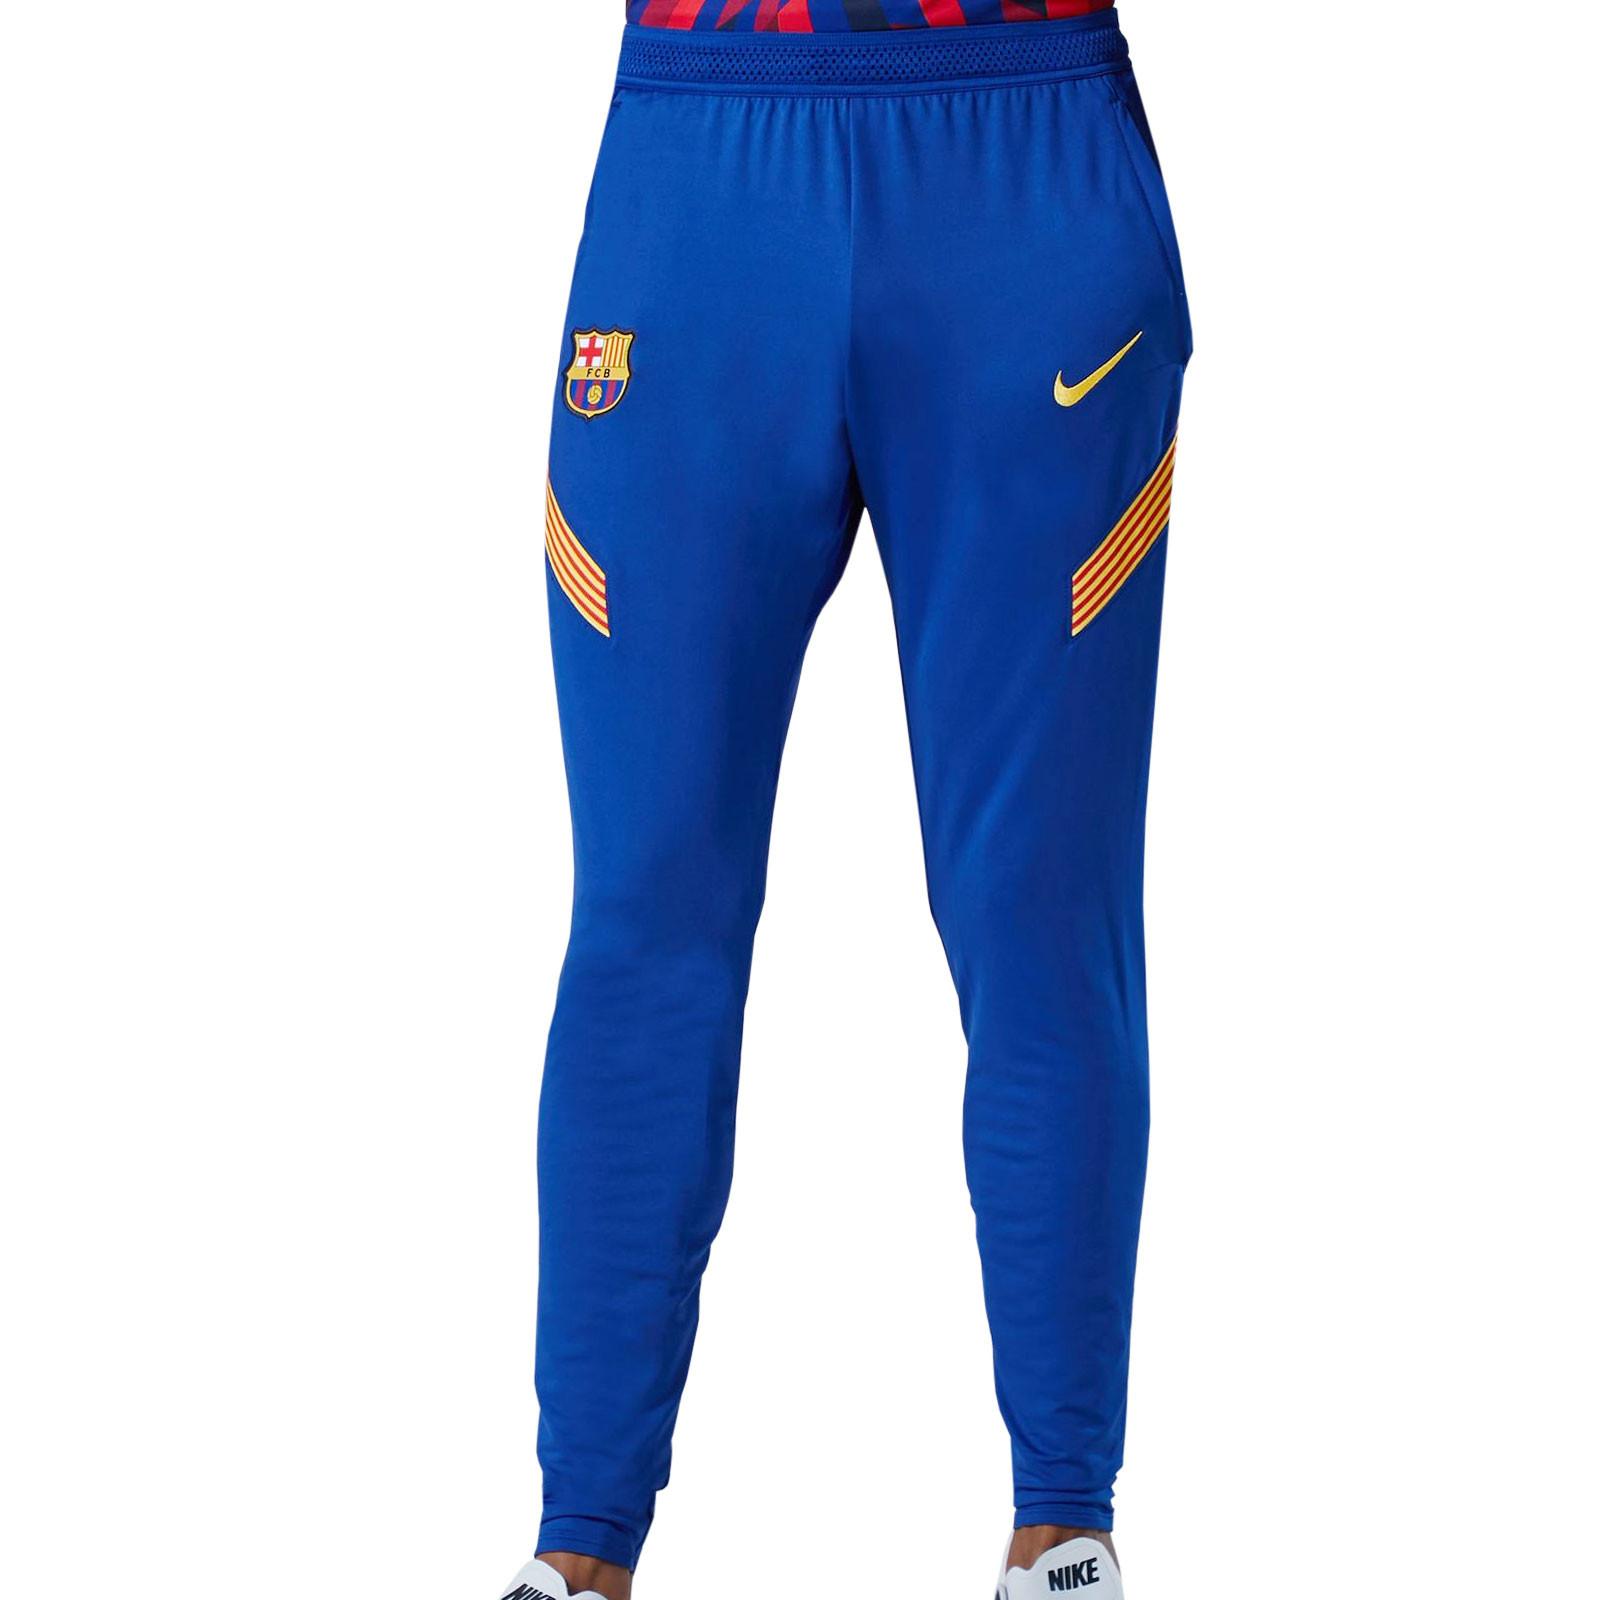 Pantalon Nike Barcelona Entreno 2020 2021 Strike Azul Futbolmania